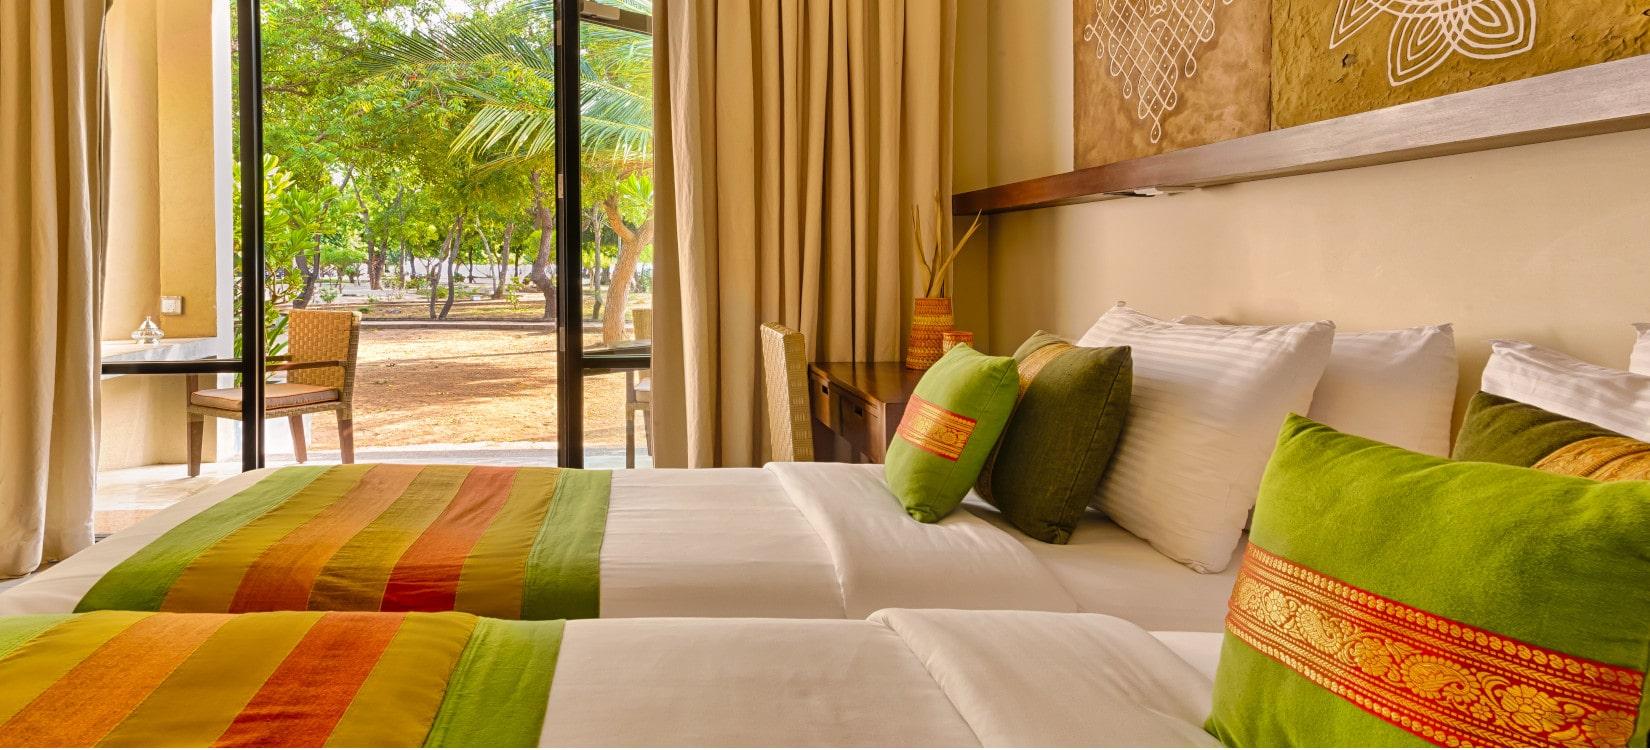 Sunrise Resort deluxe room-min